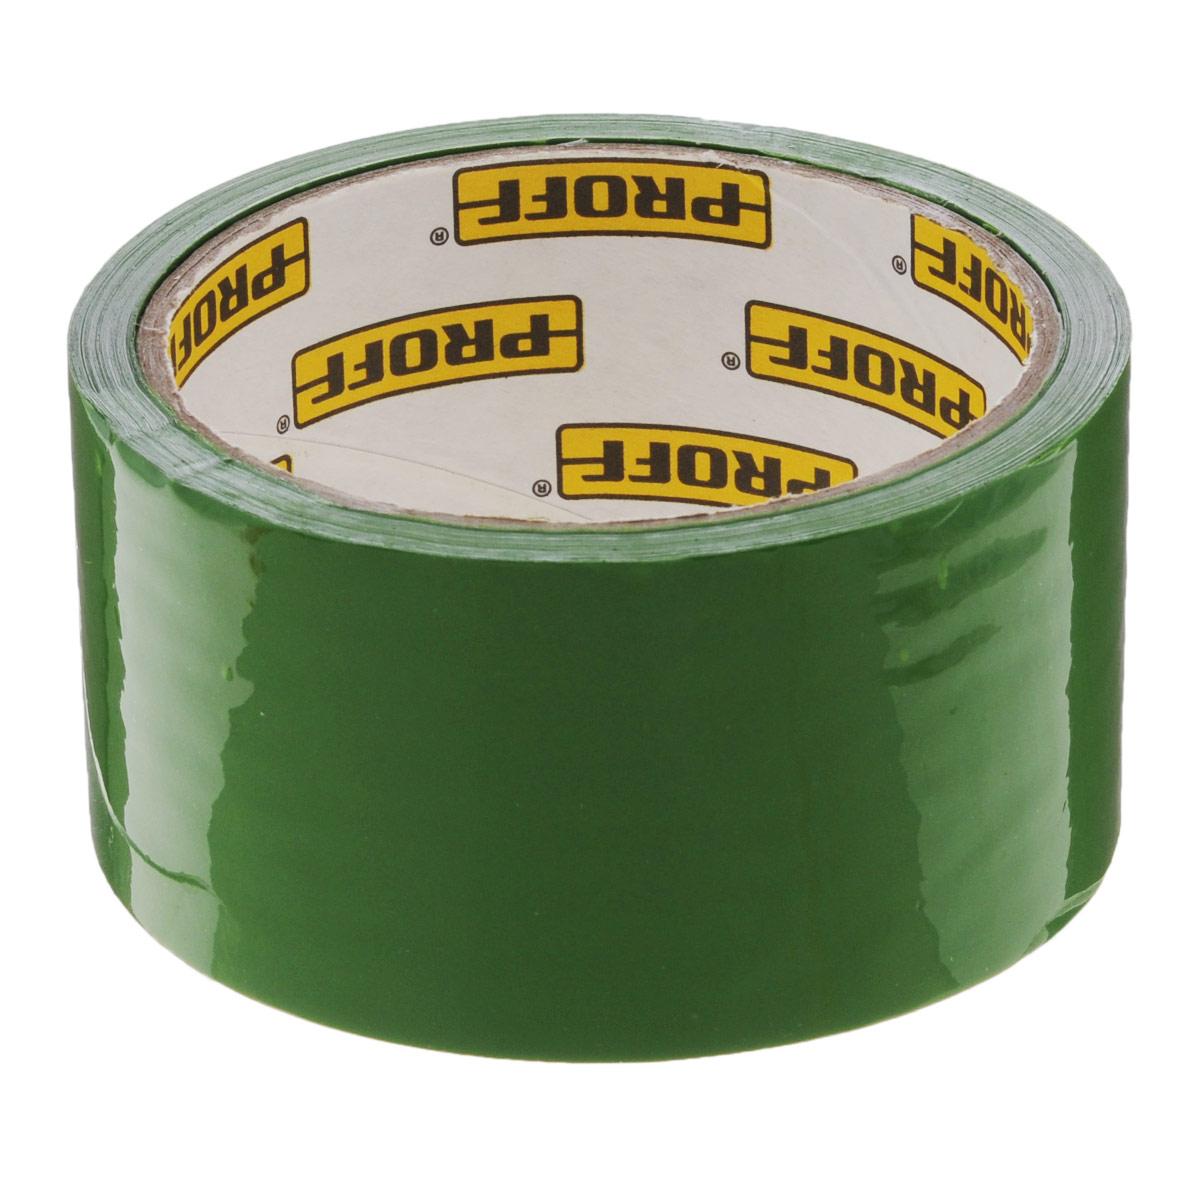 """Клейкая лента """"Proff"""", упаковочная, цвет: зеленый, 4,8 см х 360 см"""